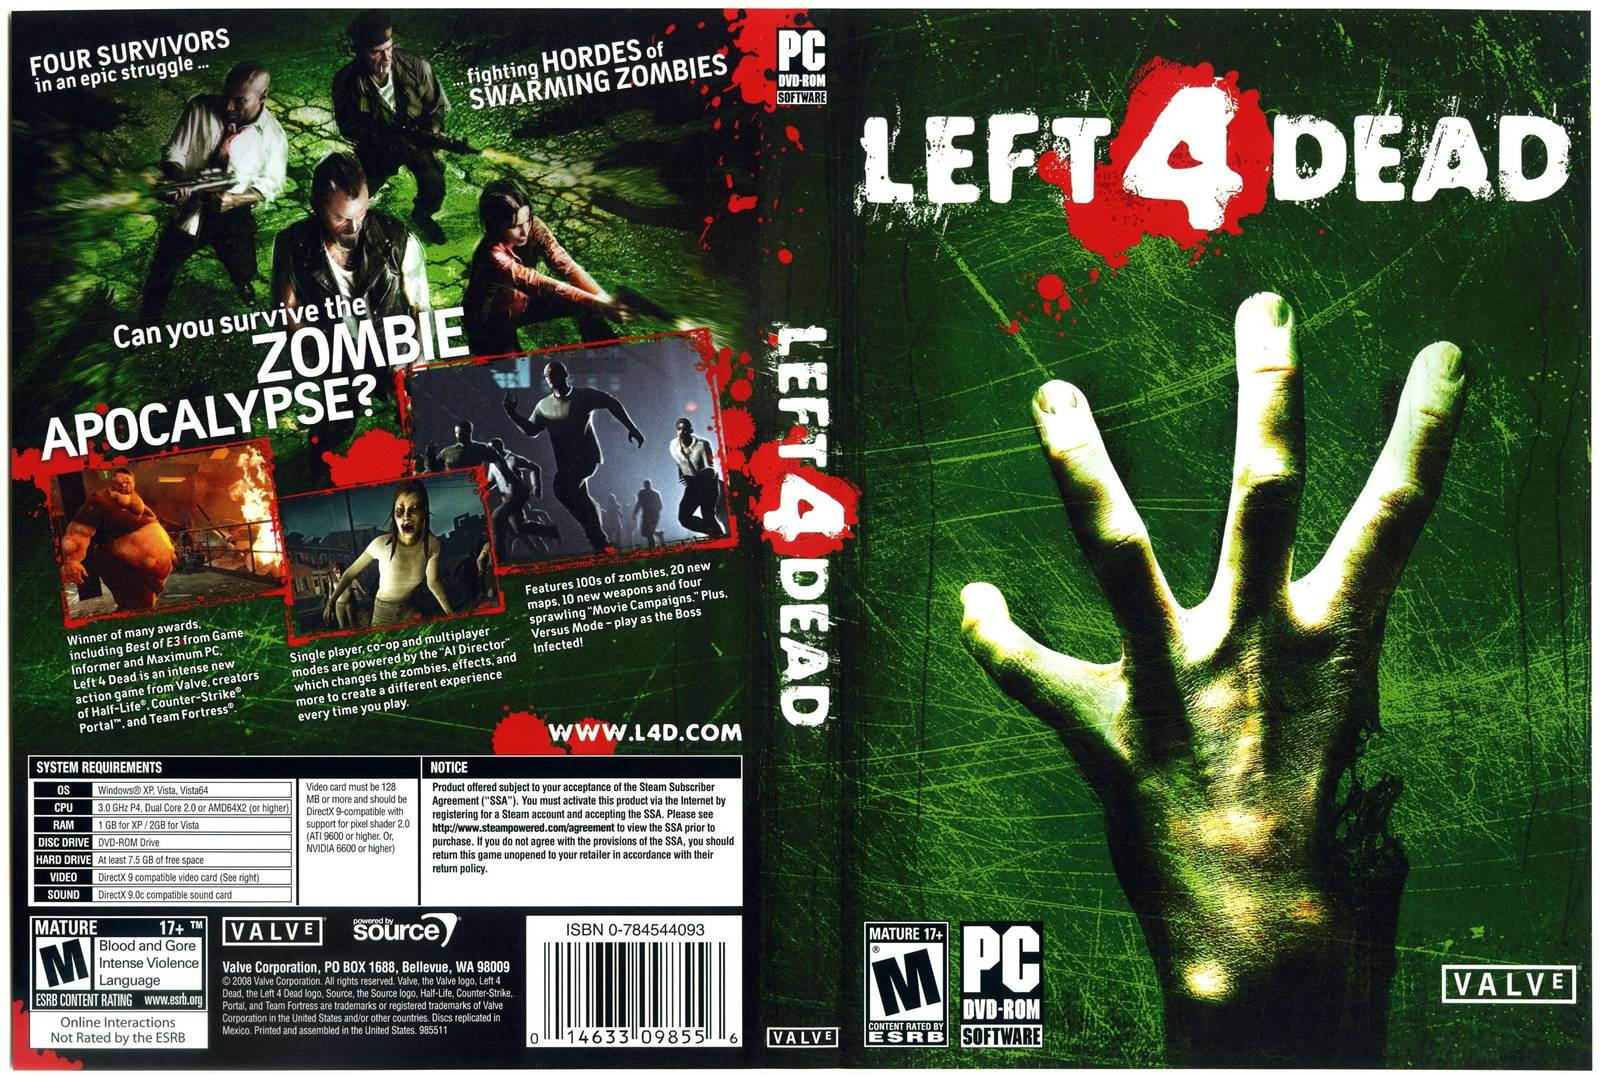 Left 4 Dead Para Pc 1 Link En Espanol